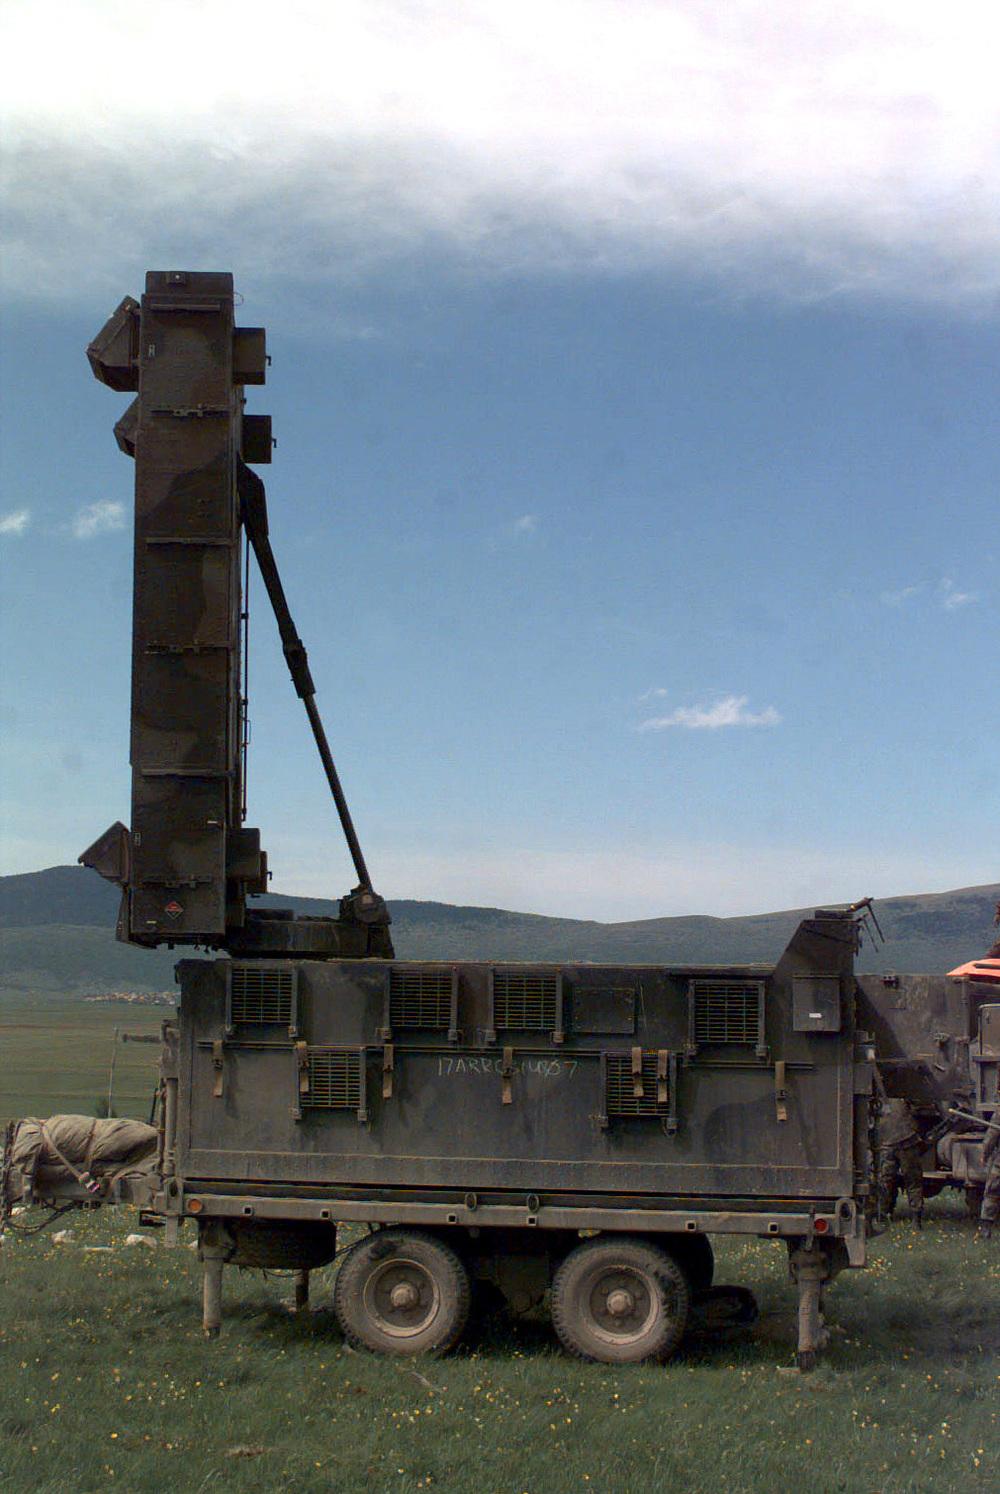 AN_TPQ-37_Firefinder_radar.JPEG